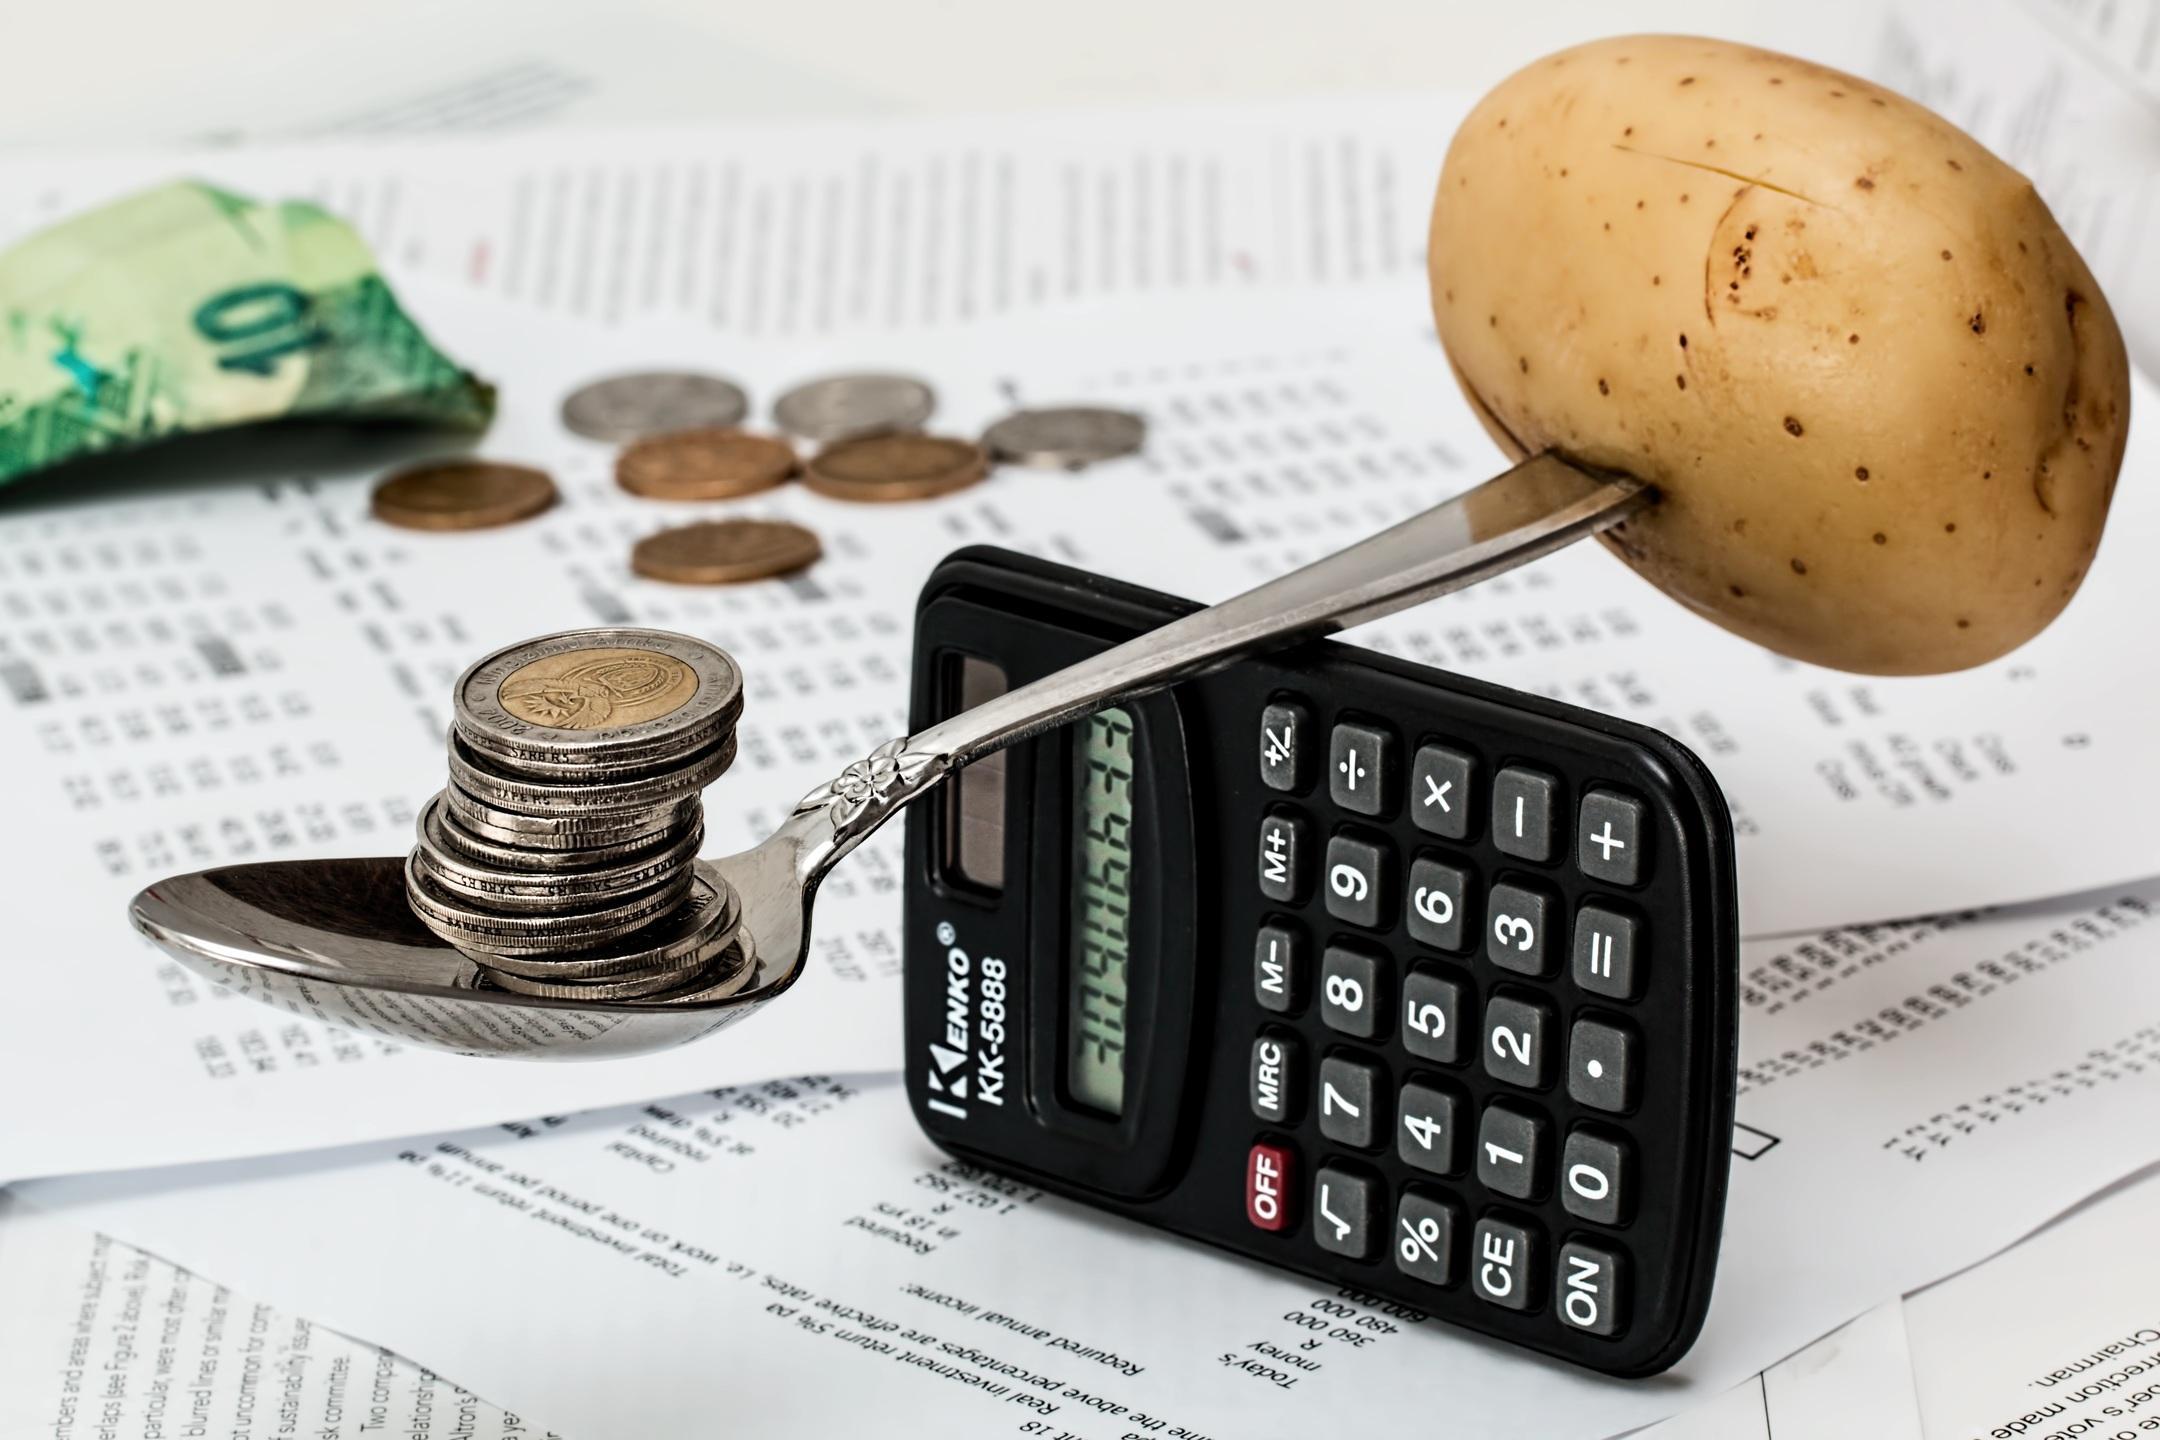 Недельная инфляция ускорилась до0,2% - Росстат